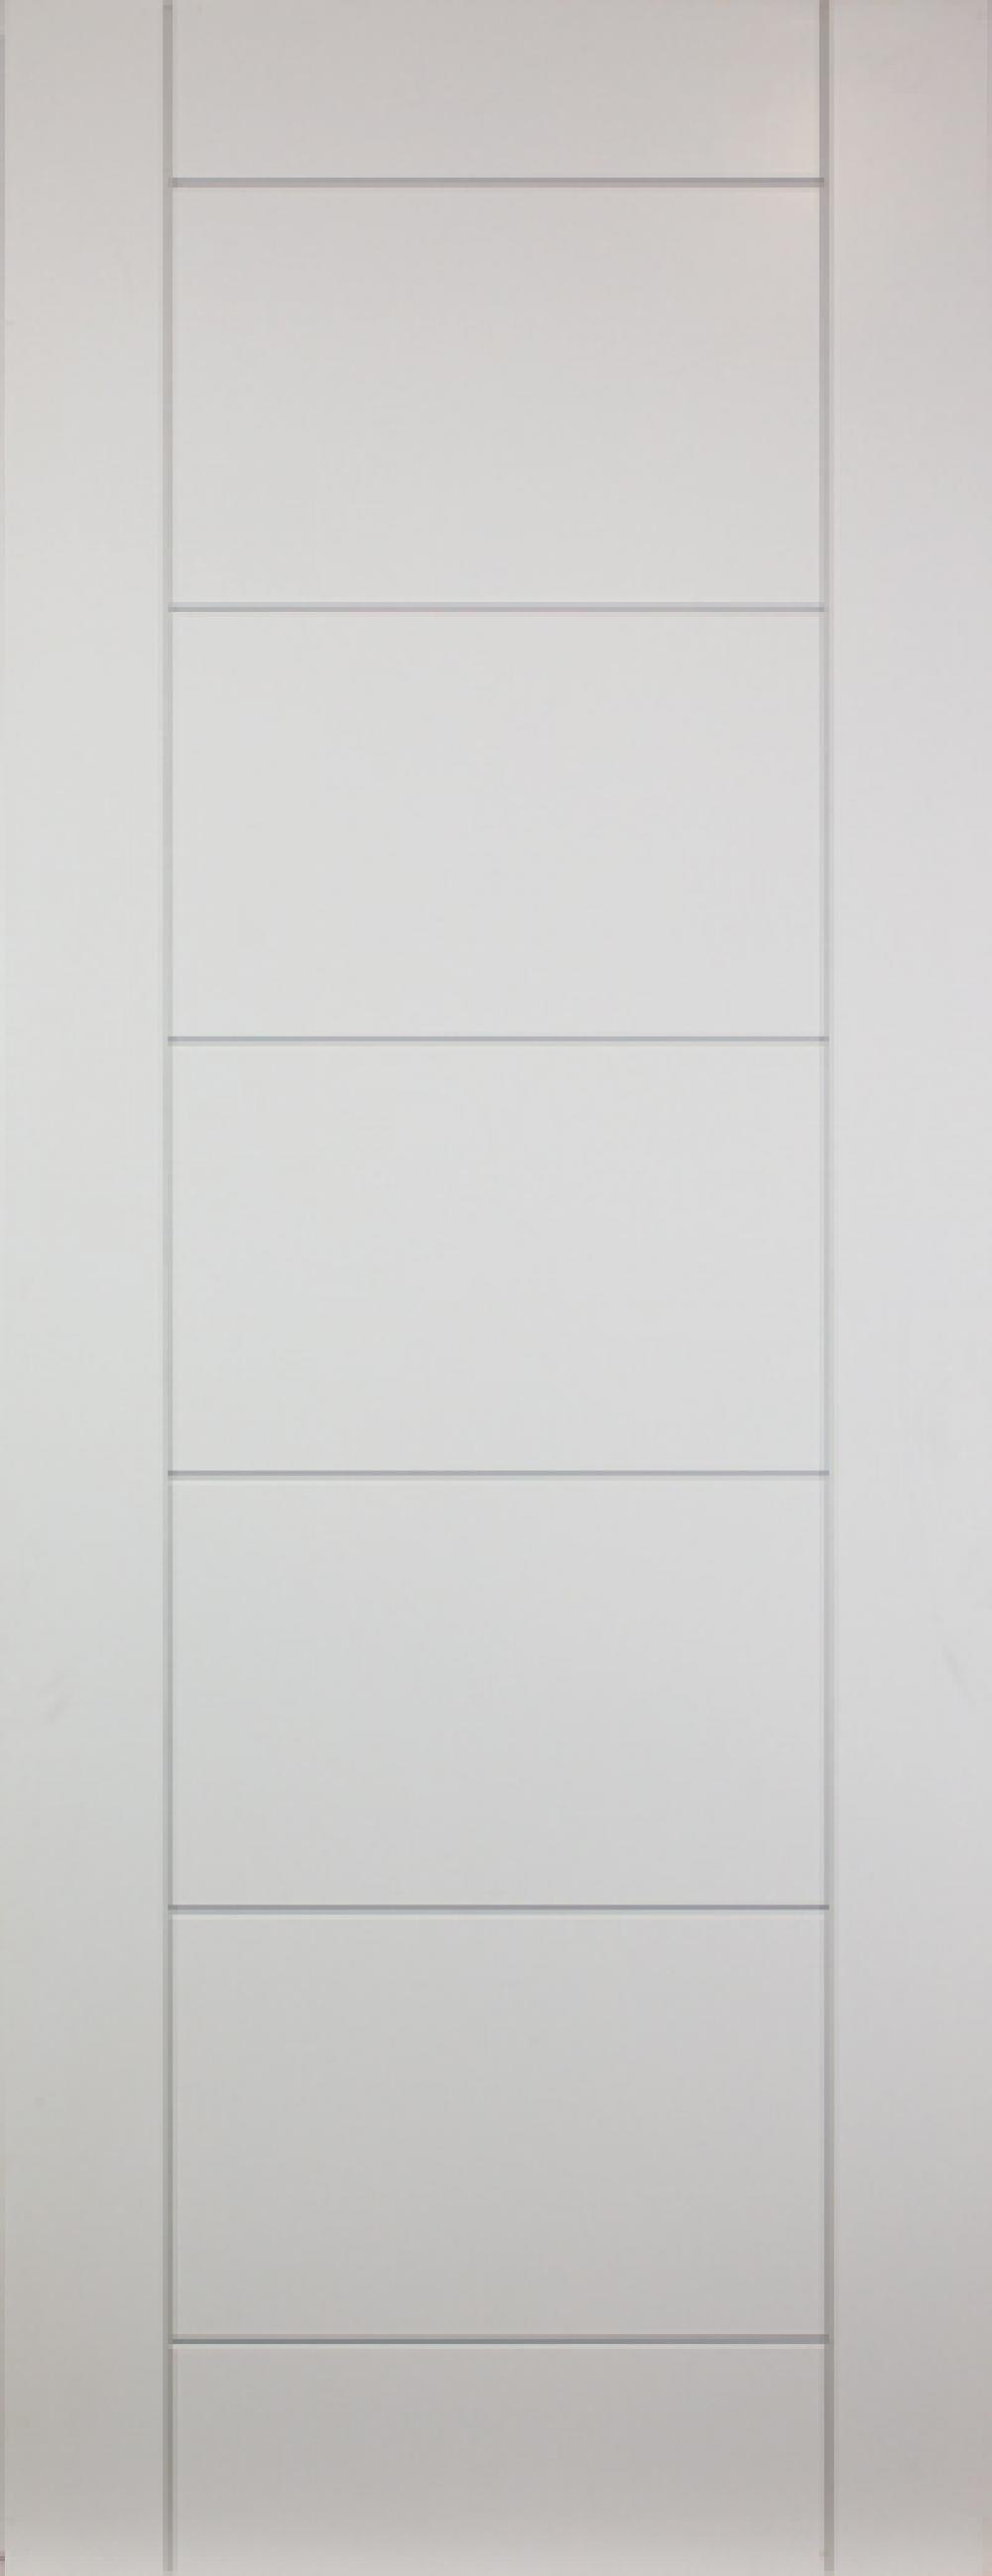 Seville White Image